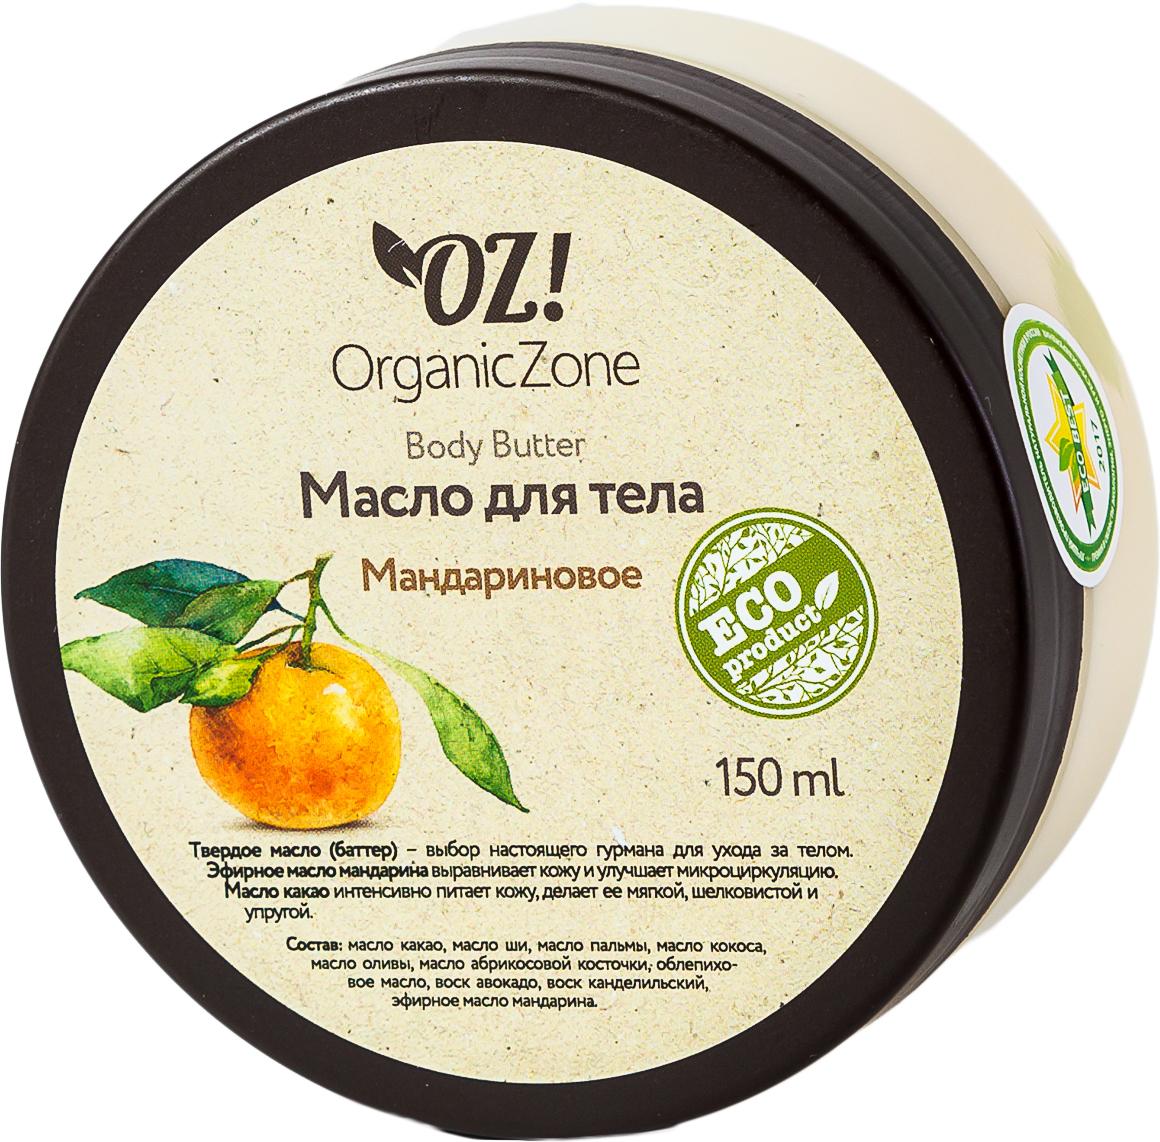 OrganicZone Баттер для тела Мандариновый, 150 мл4665301124549Твердое масло (баттер) - выбор настоящего гурмана для ухода за телом. Эфирное масло мандарина выравнивает кожу и улучшает микроциркуляцию. Масло какао интенсивно питает кожу, делает ее мягкой, шелковистой и упругой.